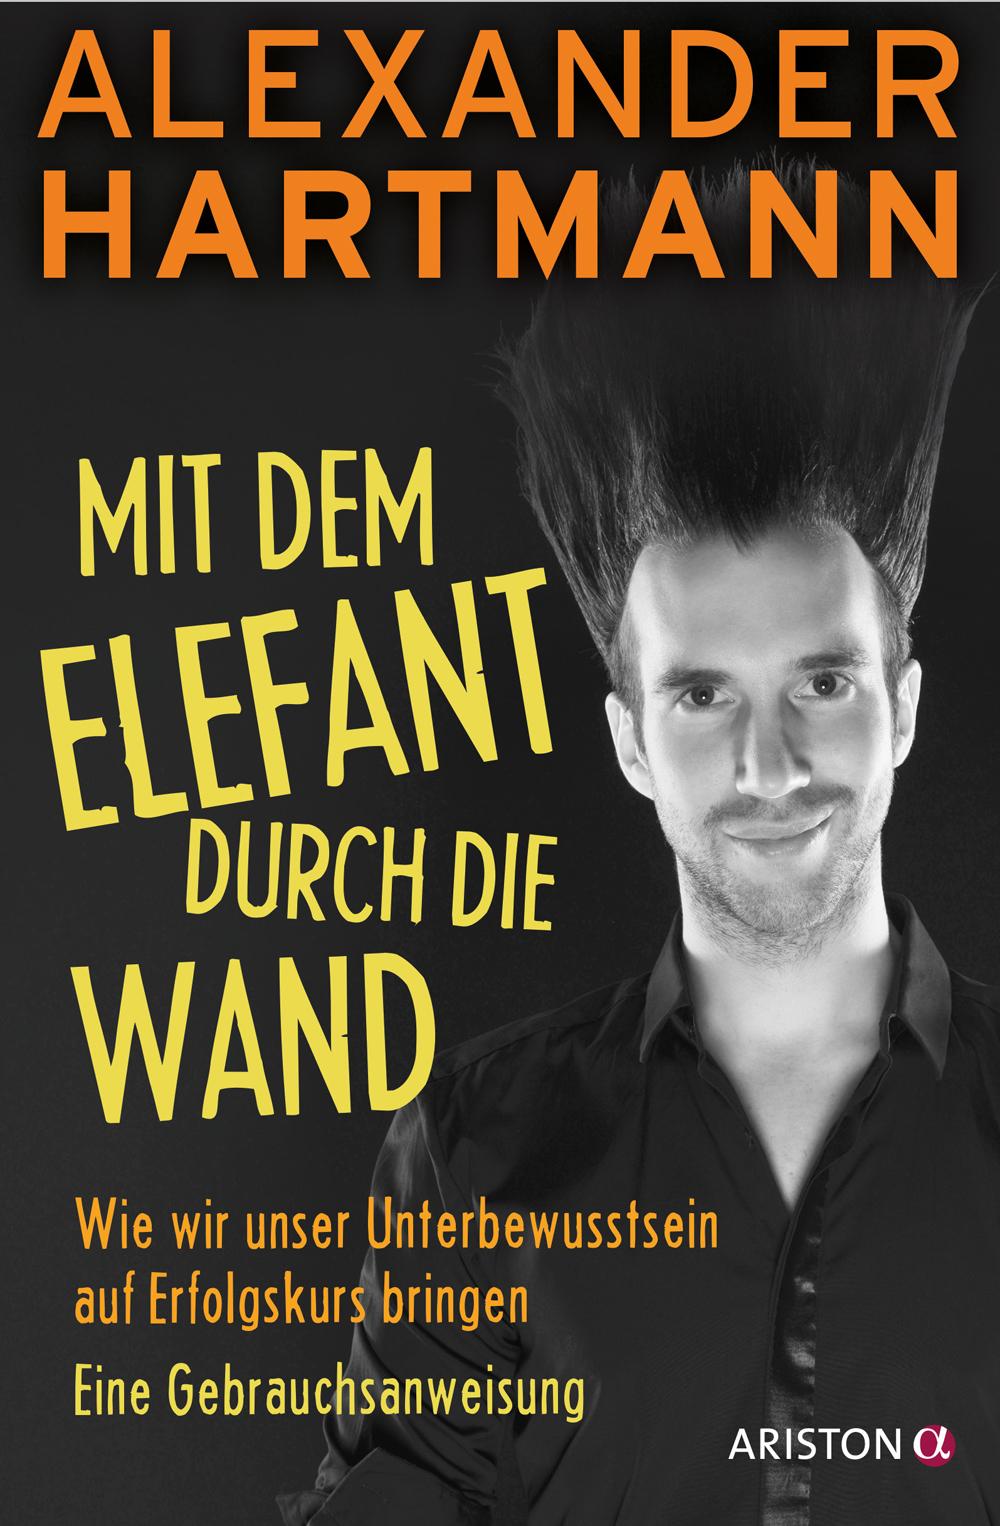 Alexander hartmann mit dem elefanten durch die wand - Durch die wand horen ...